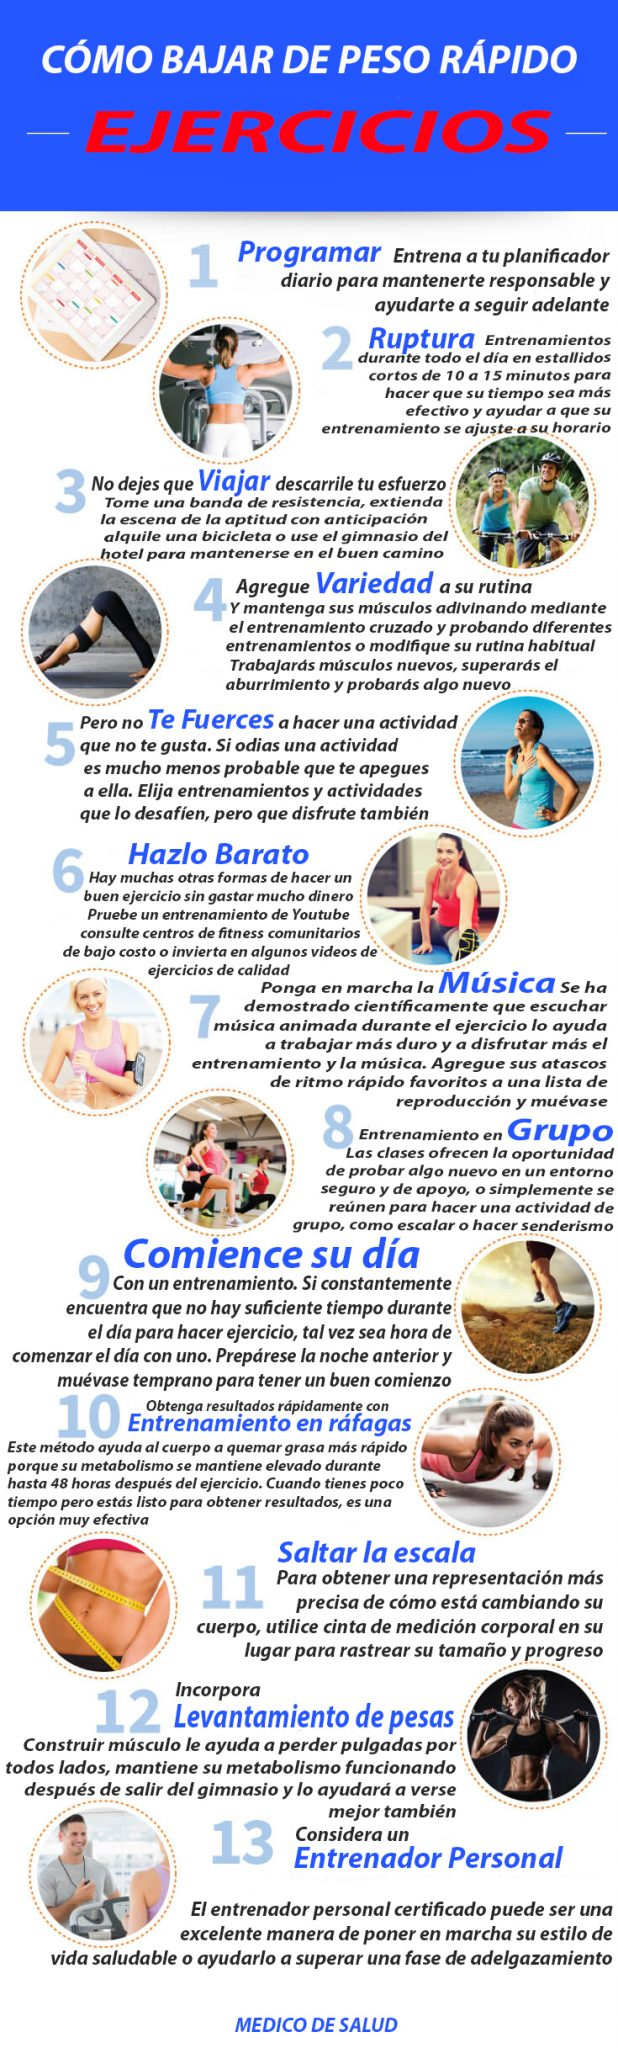 Cómo perder peso rápido: SECRETOS DE ENTRENAMIENTO 49 secretos para | cómo perder peso rápido 49 Secretos para | Cómo Perder Peso Rápido Ejercicios